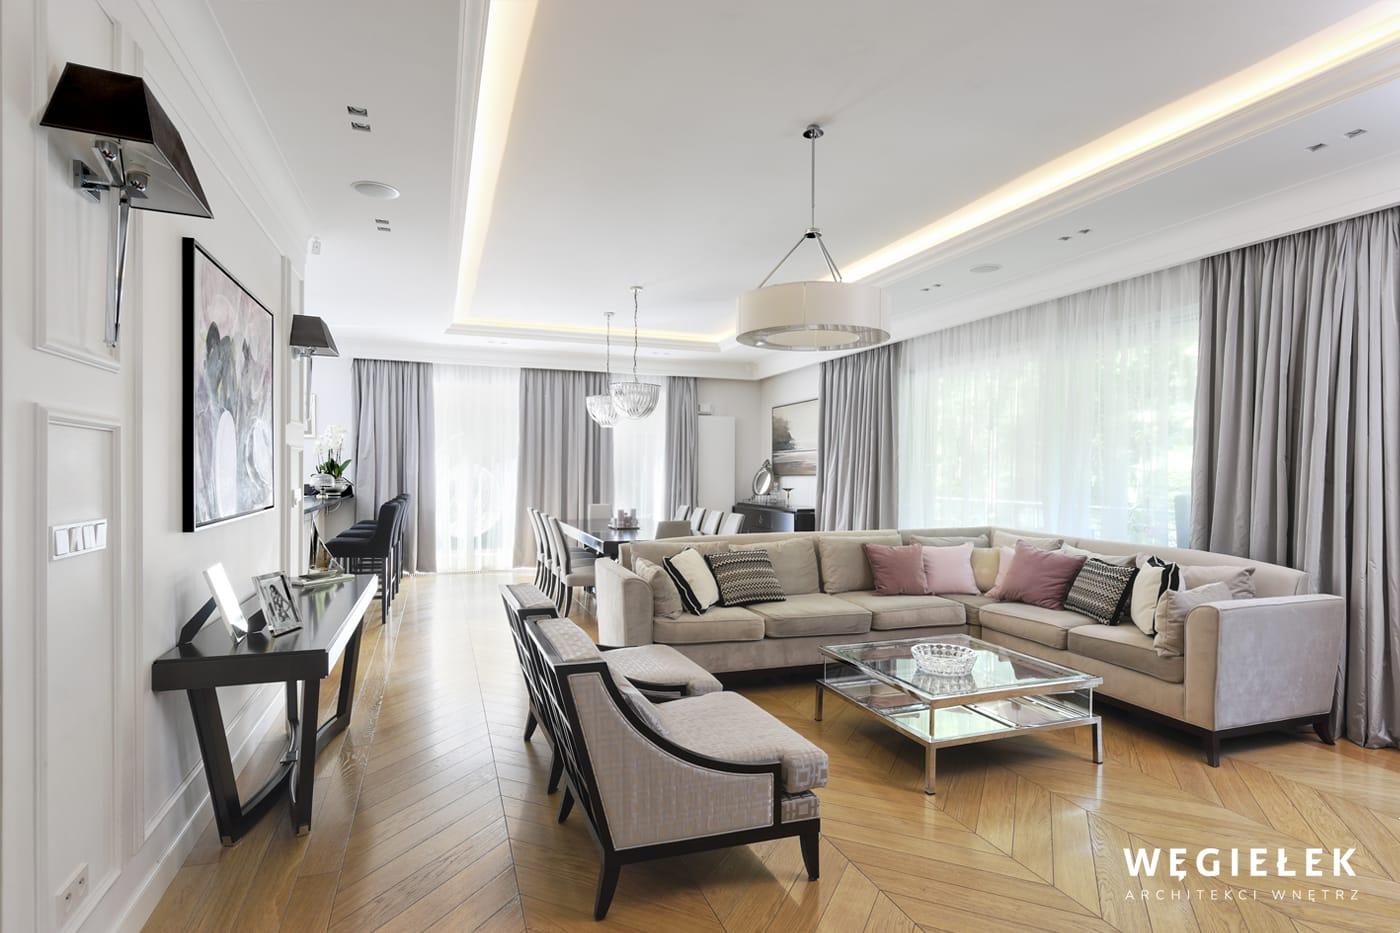 Klasyczny salon w stylu francuskim zaprojektowany przez architekta z Warszawy zadowoli nawet najwybredniejszego klienta. Jest przytulny i elegancki.